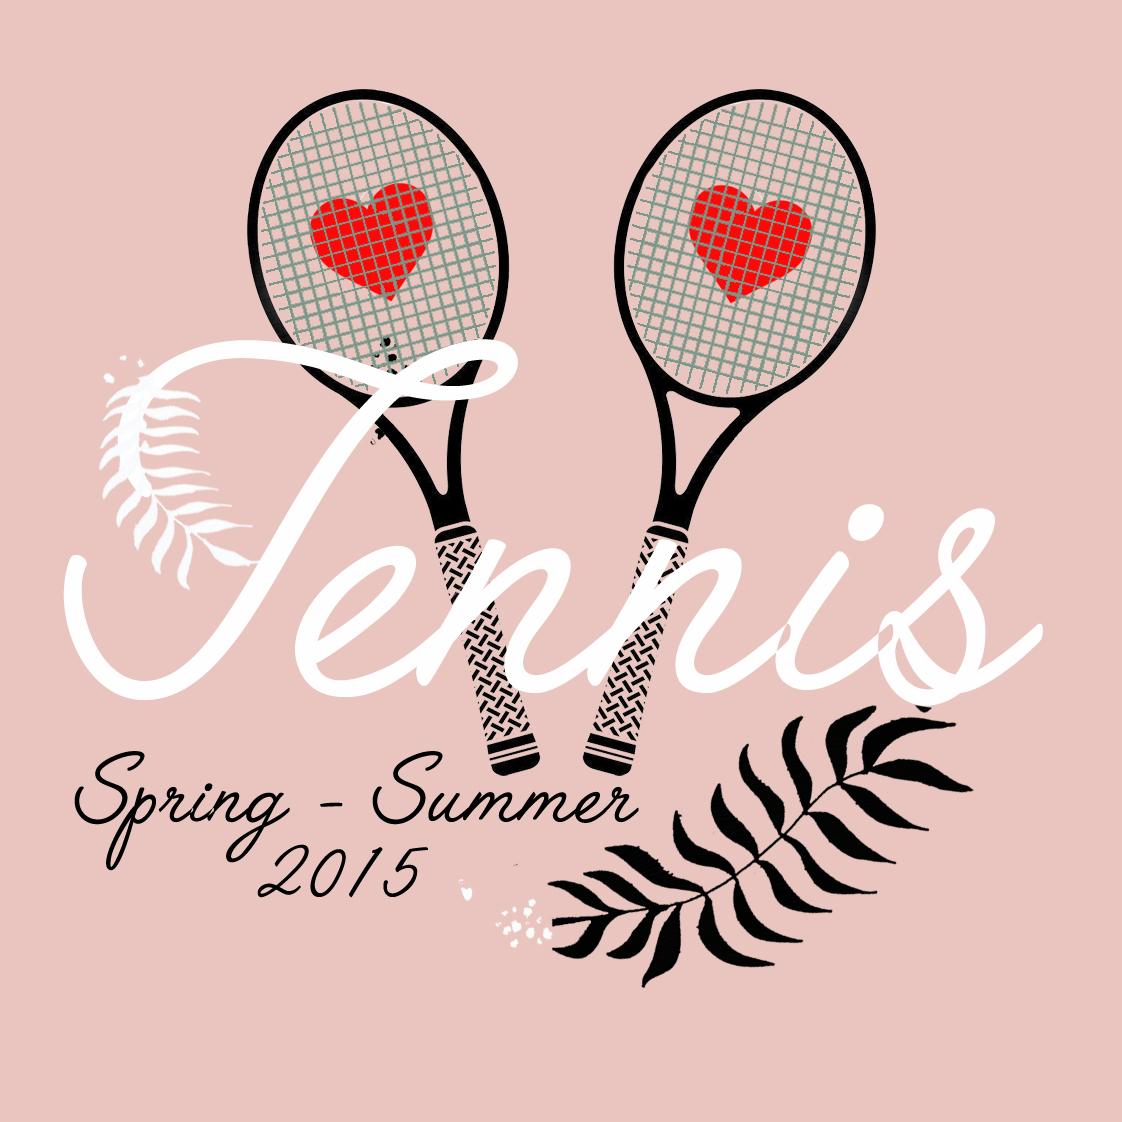 TENNIS_06.jpg